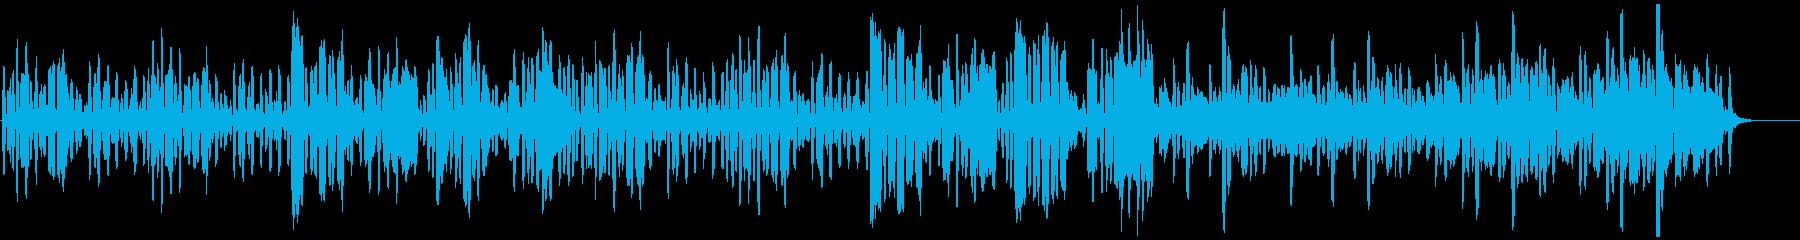 リコーダーの元気で可愛い曲3の再生済みの波形